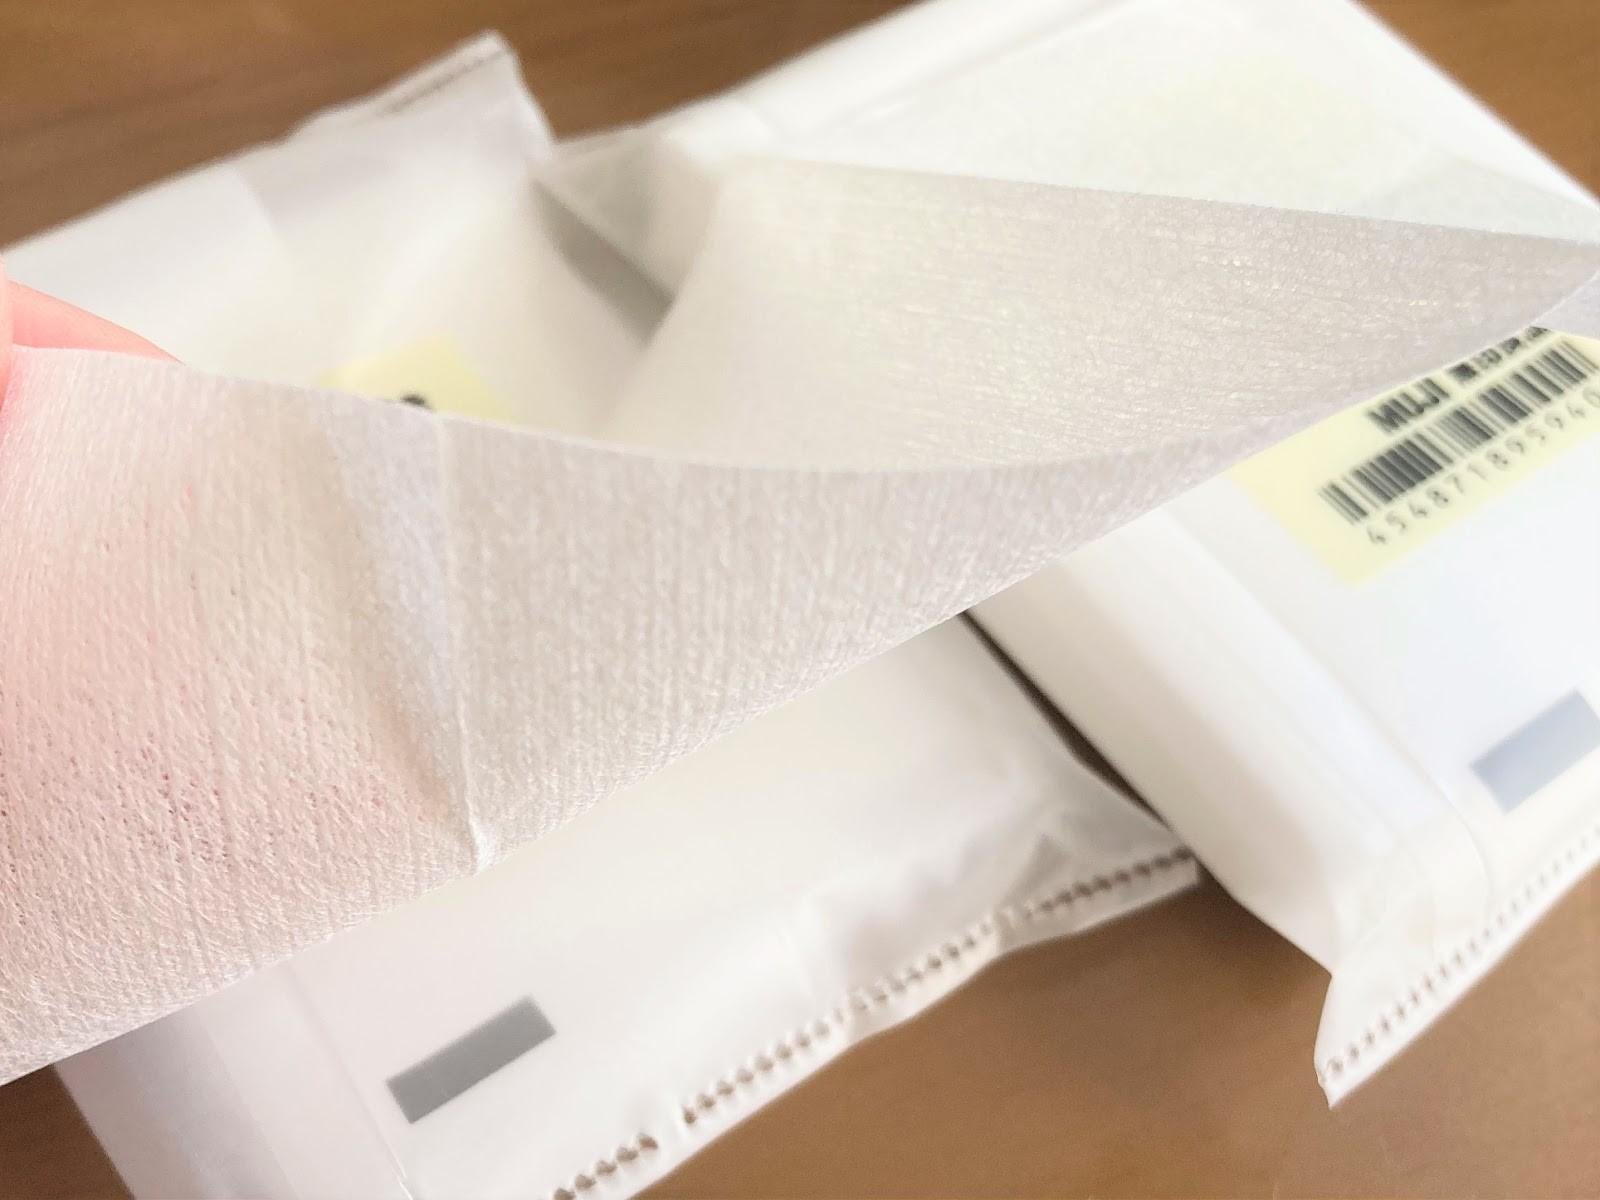 使われているのは、アクリル系不織布と呼ばれる素材